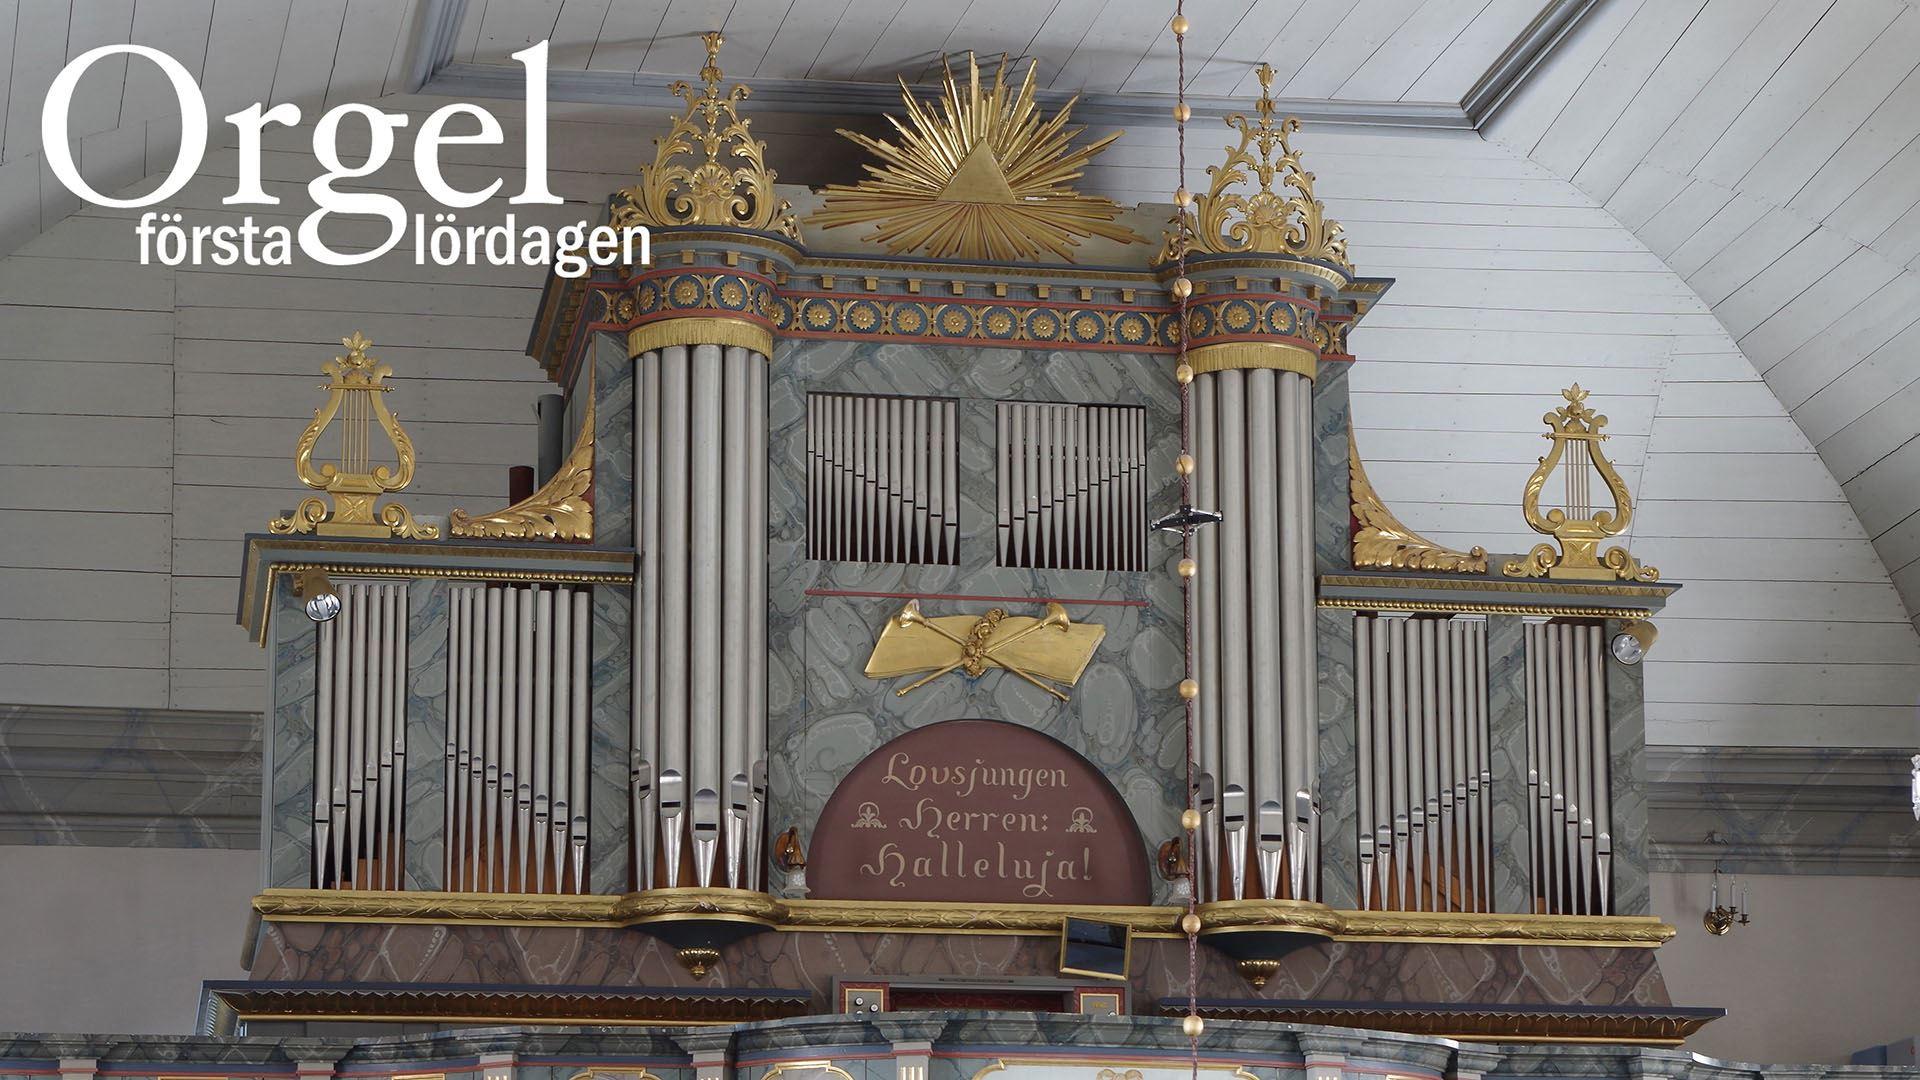 Kyrkomusikerna Jämtland & Härjedalen,  © Kyrkomusikerna Jämtland & Härjedalen, Orgel